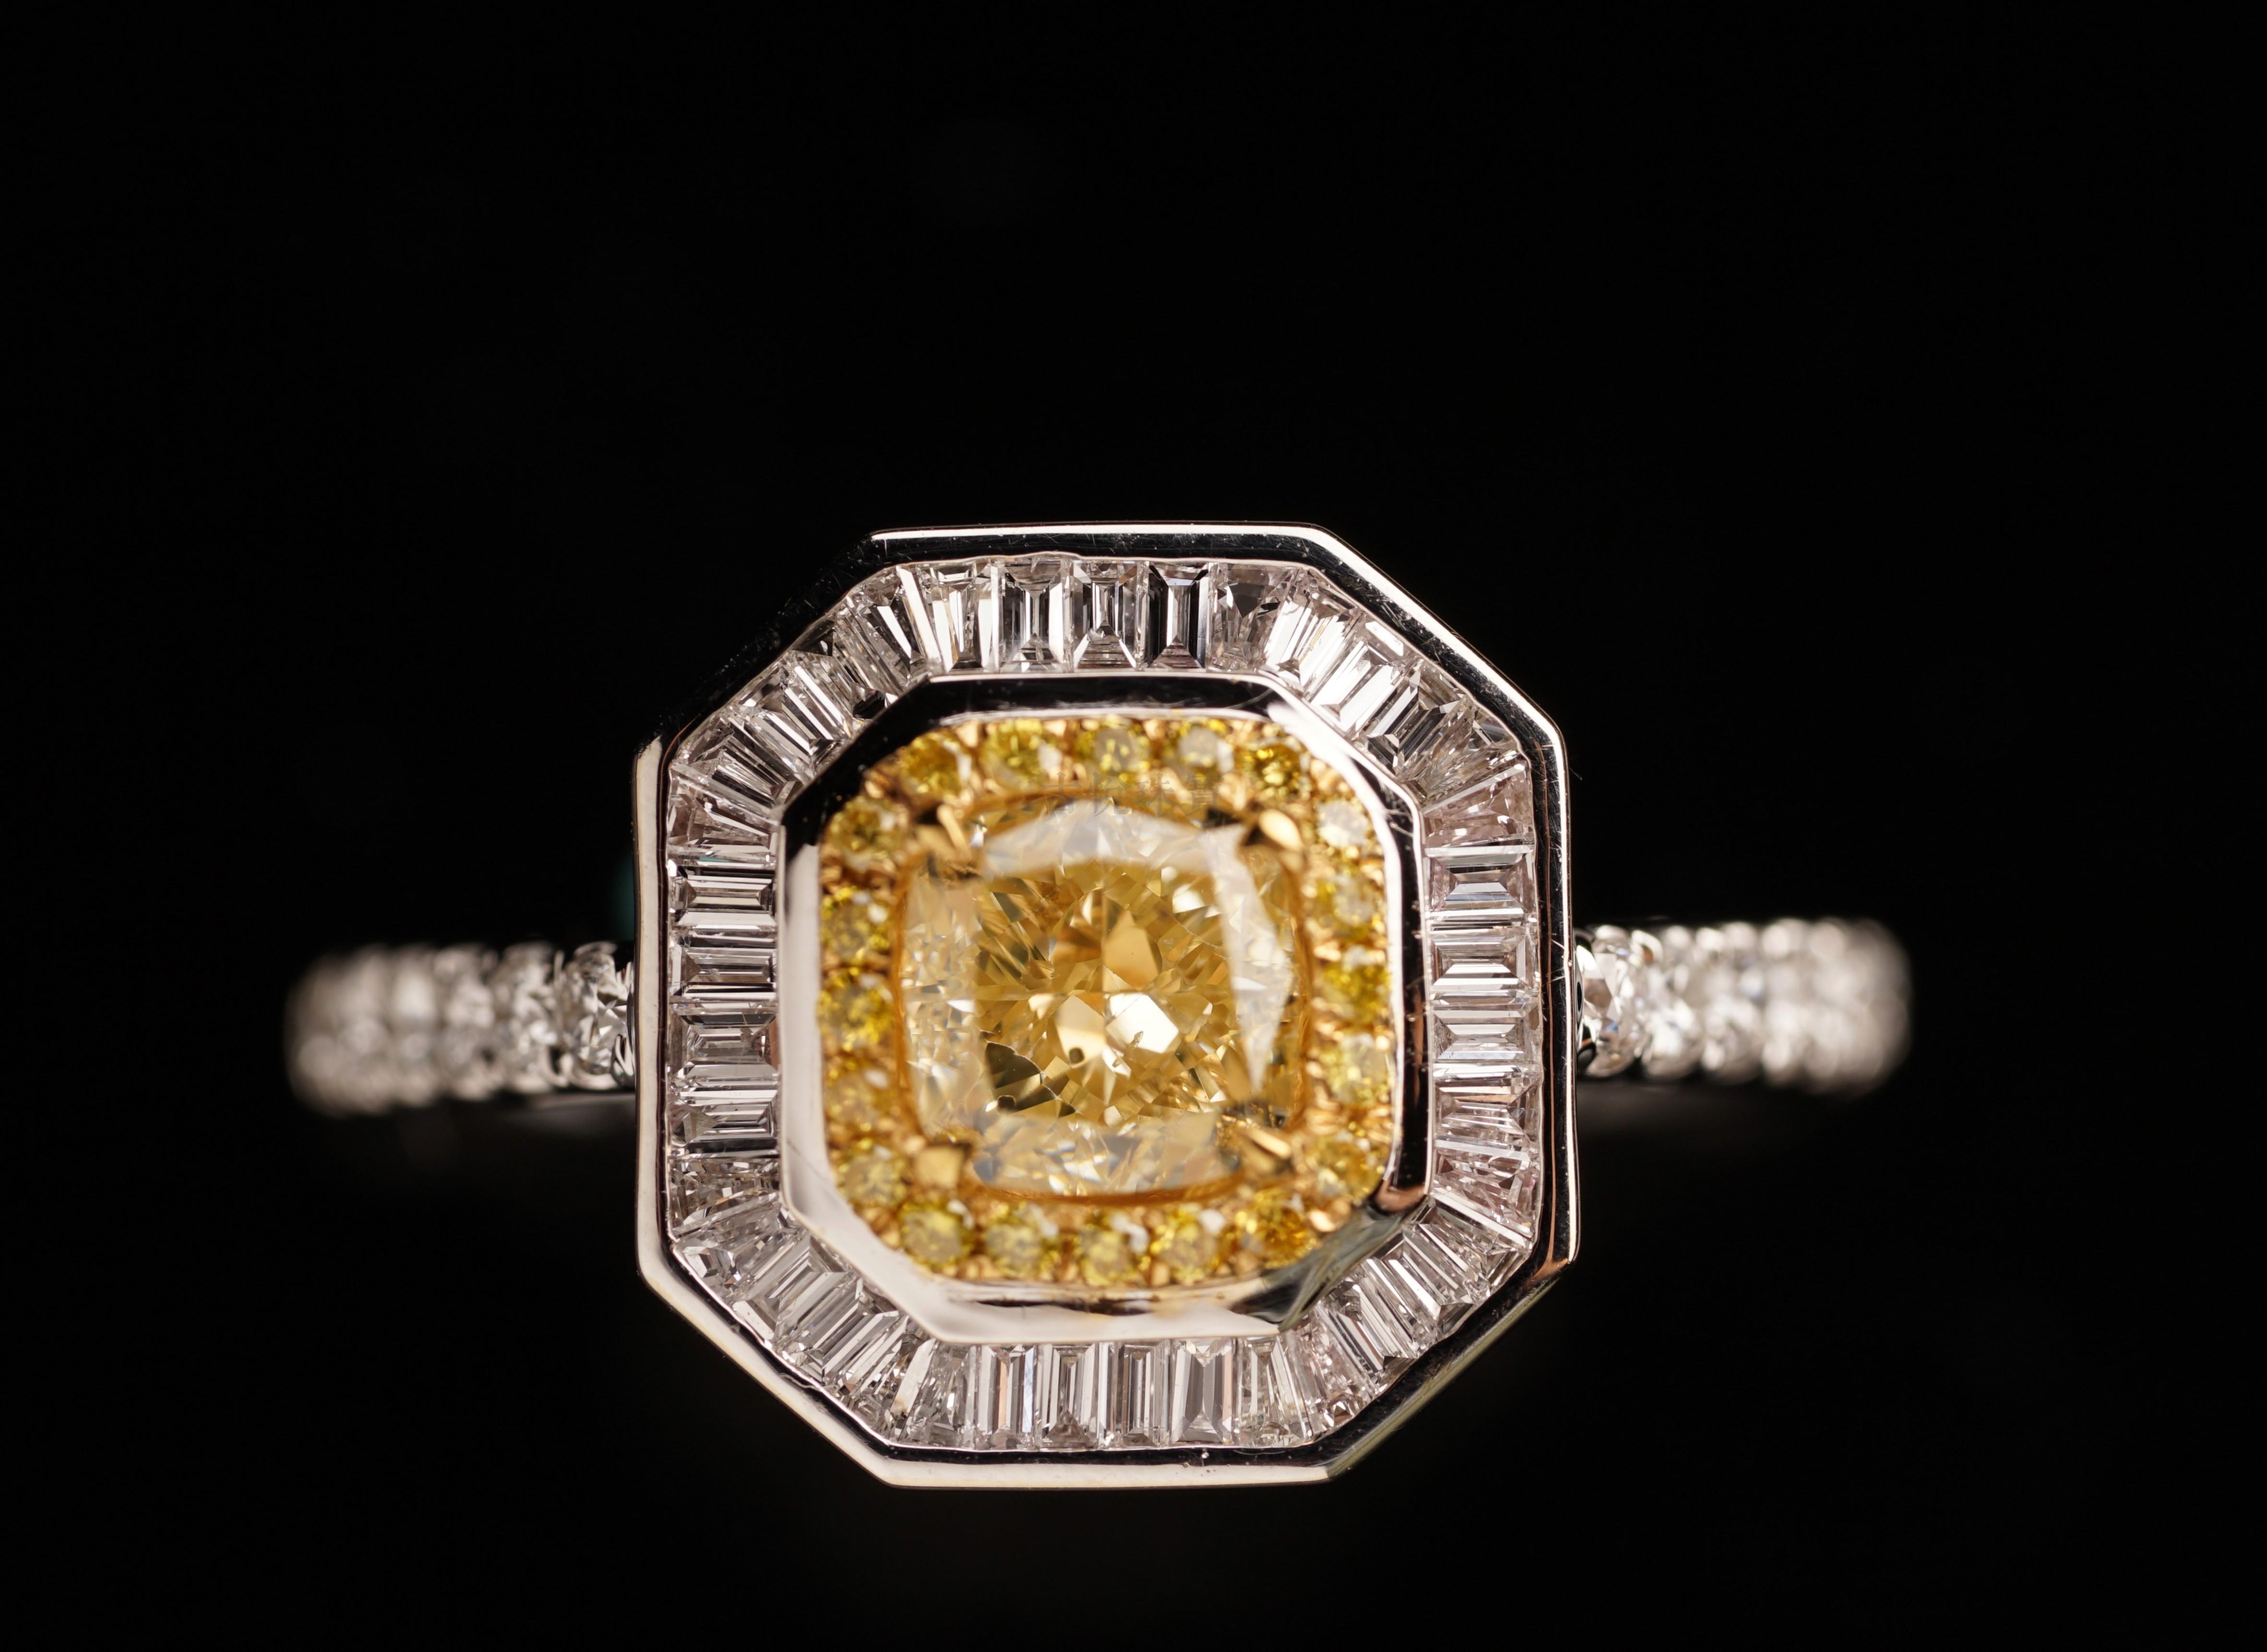 古悦珠宝0.76克拉黄钻搭配几何形状设计感钻石18K金镶嵌黄钻戒指